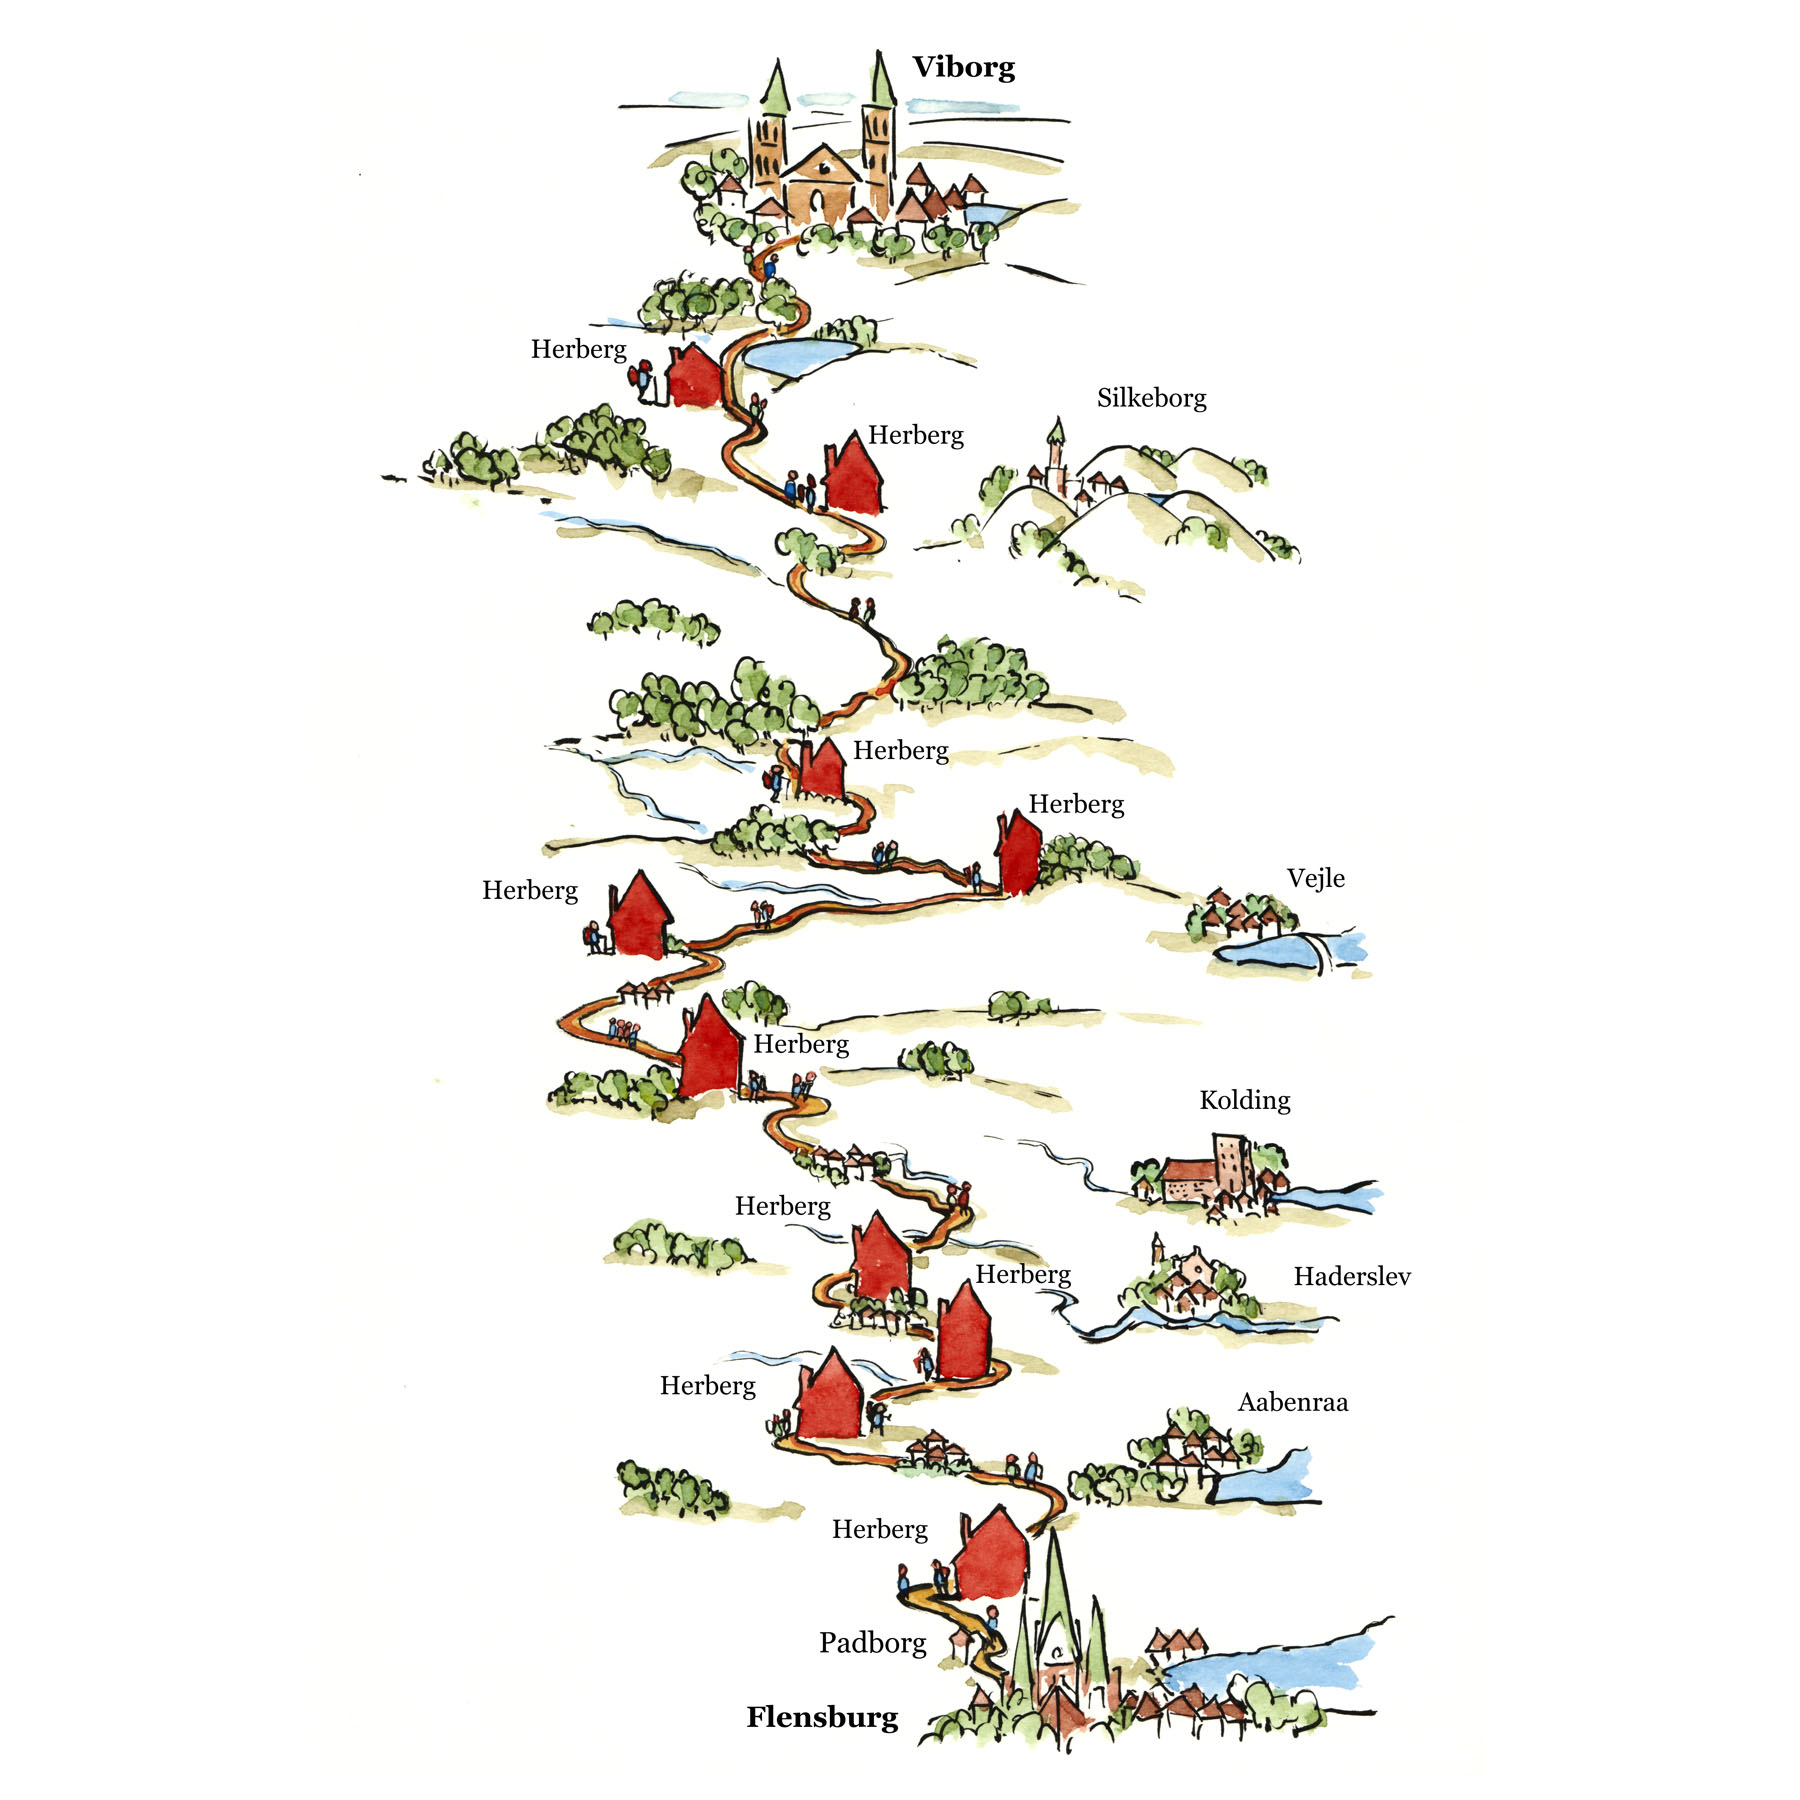 Tegning af Hærvejens forløb - Illustration af Frits Ahlefeldt